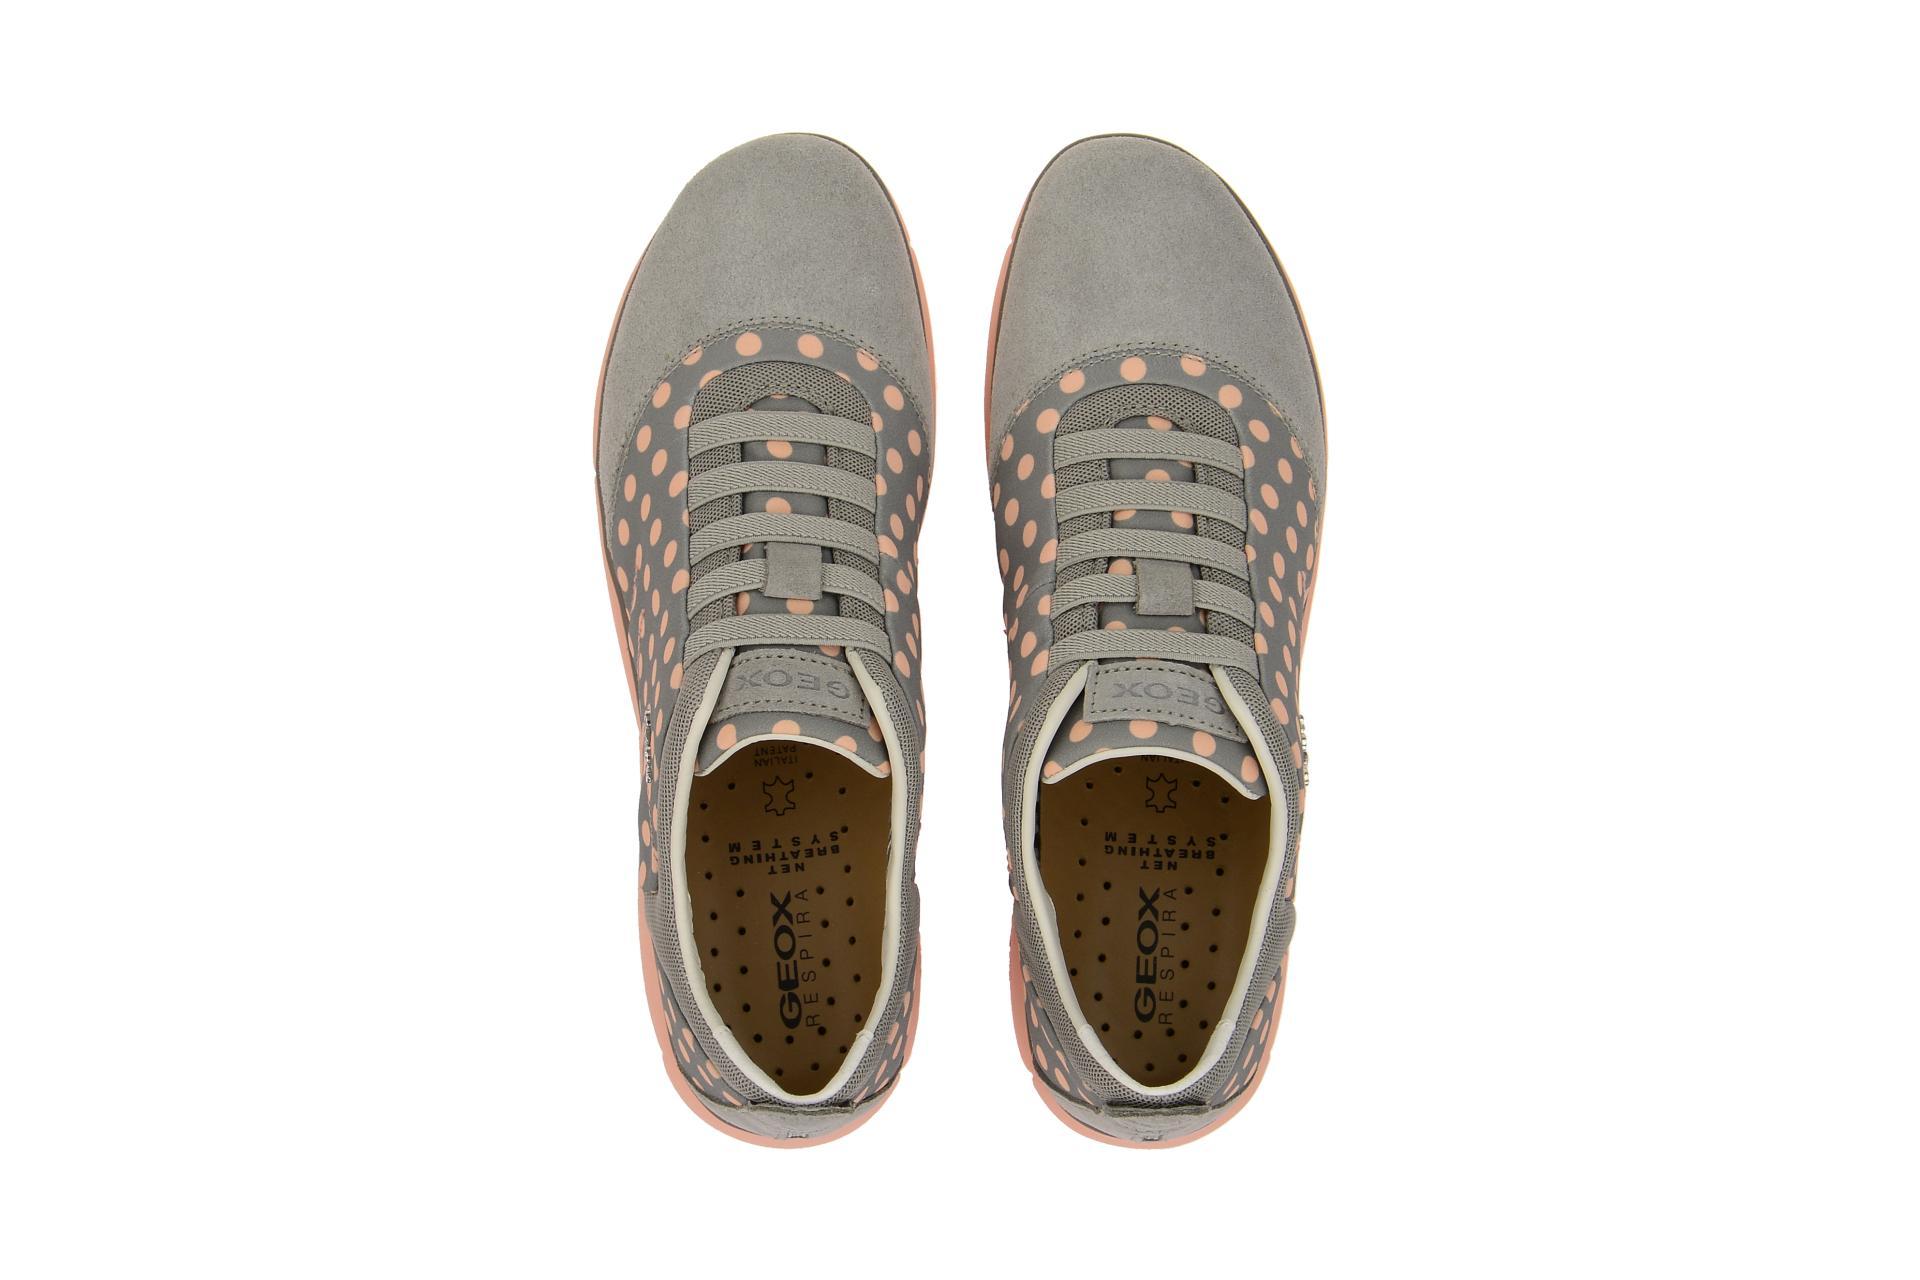 e04e14b46fc1d0 Geox Schuhe NEBULA grau Damenschuhe sportliche Slipper D621EC 01122 C9149  NEU